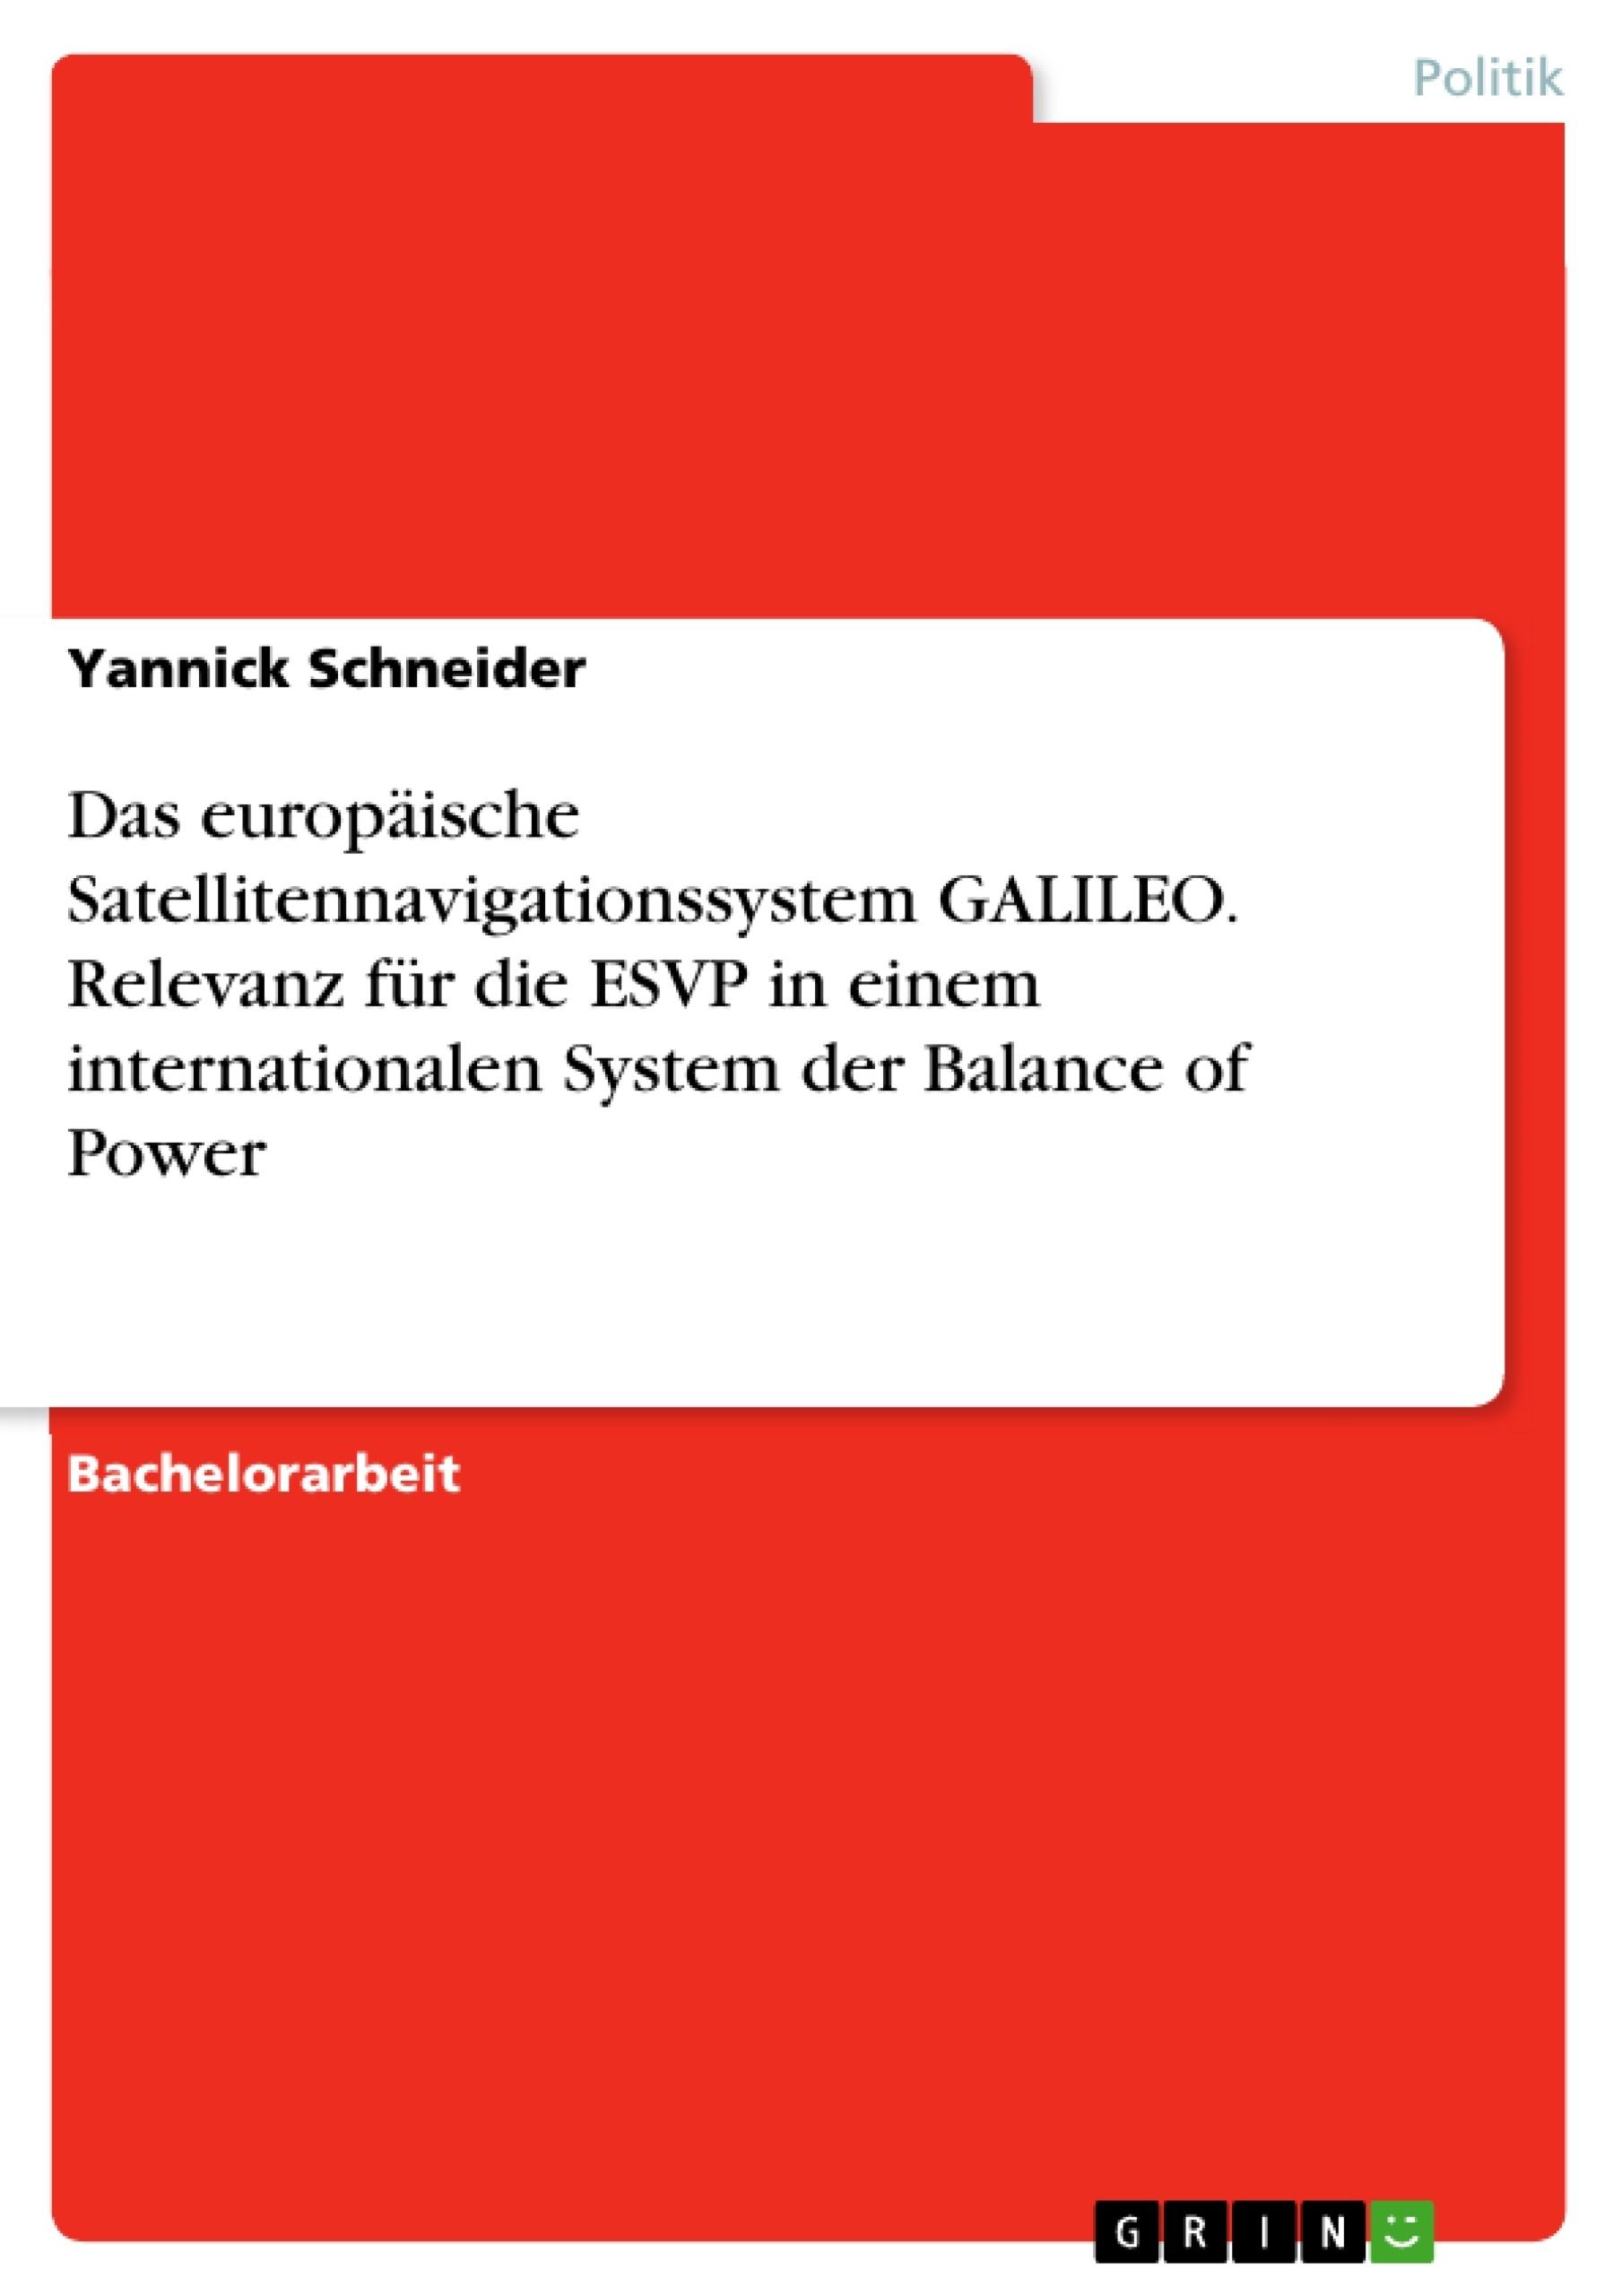 Titel: Das europäische Satellitennavigationssystem GALILEO. Relevanz für die ESVP in einem internationalen System der Balance of Power